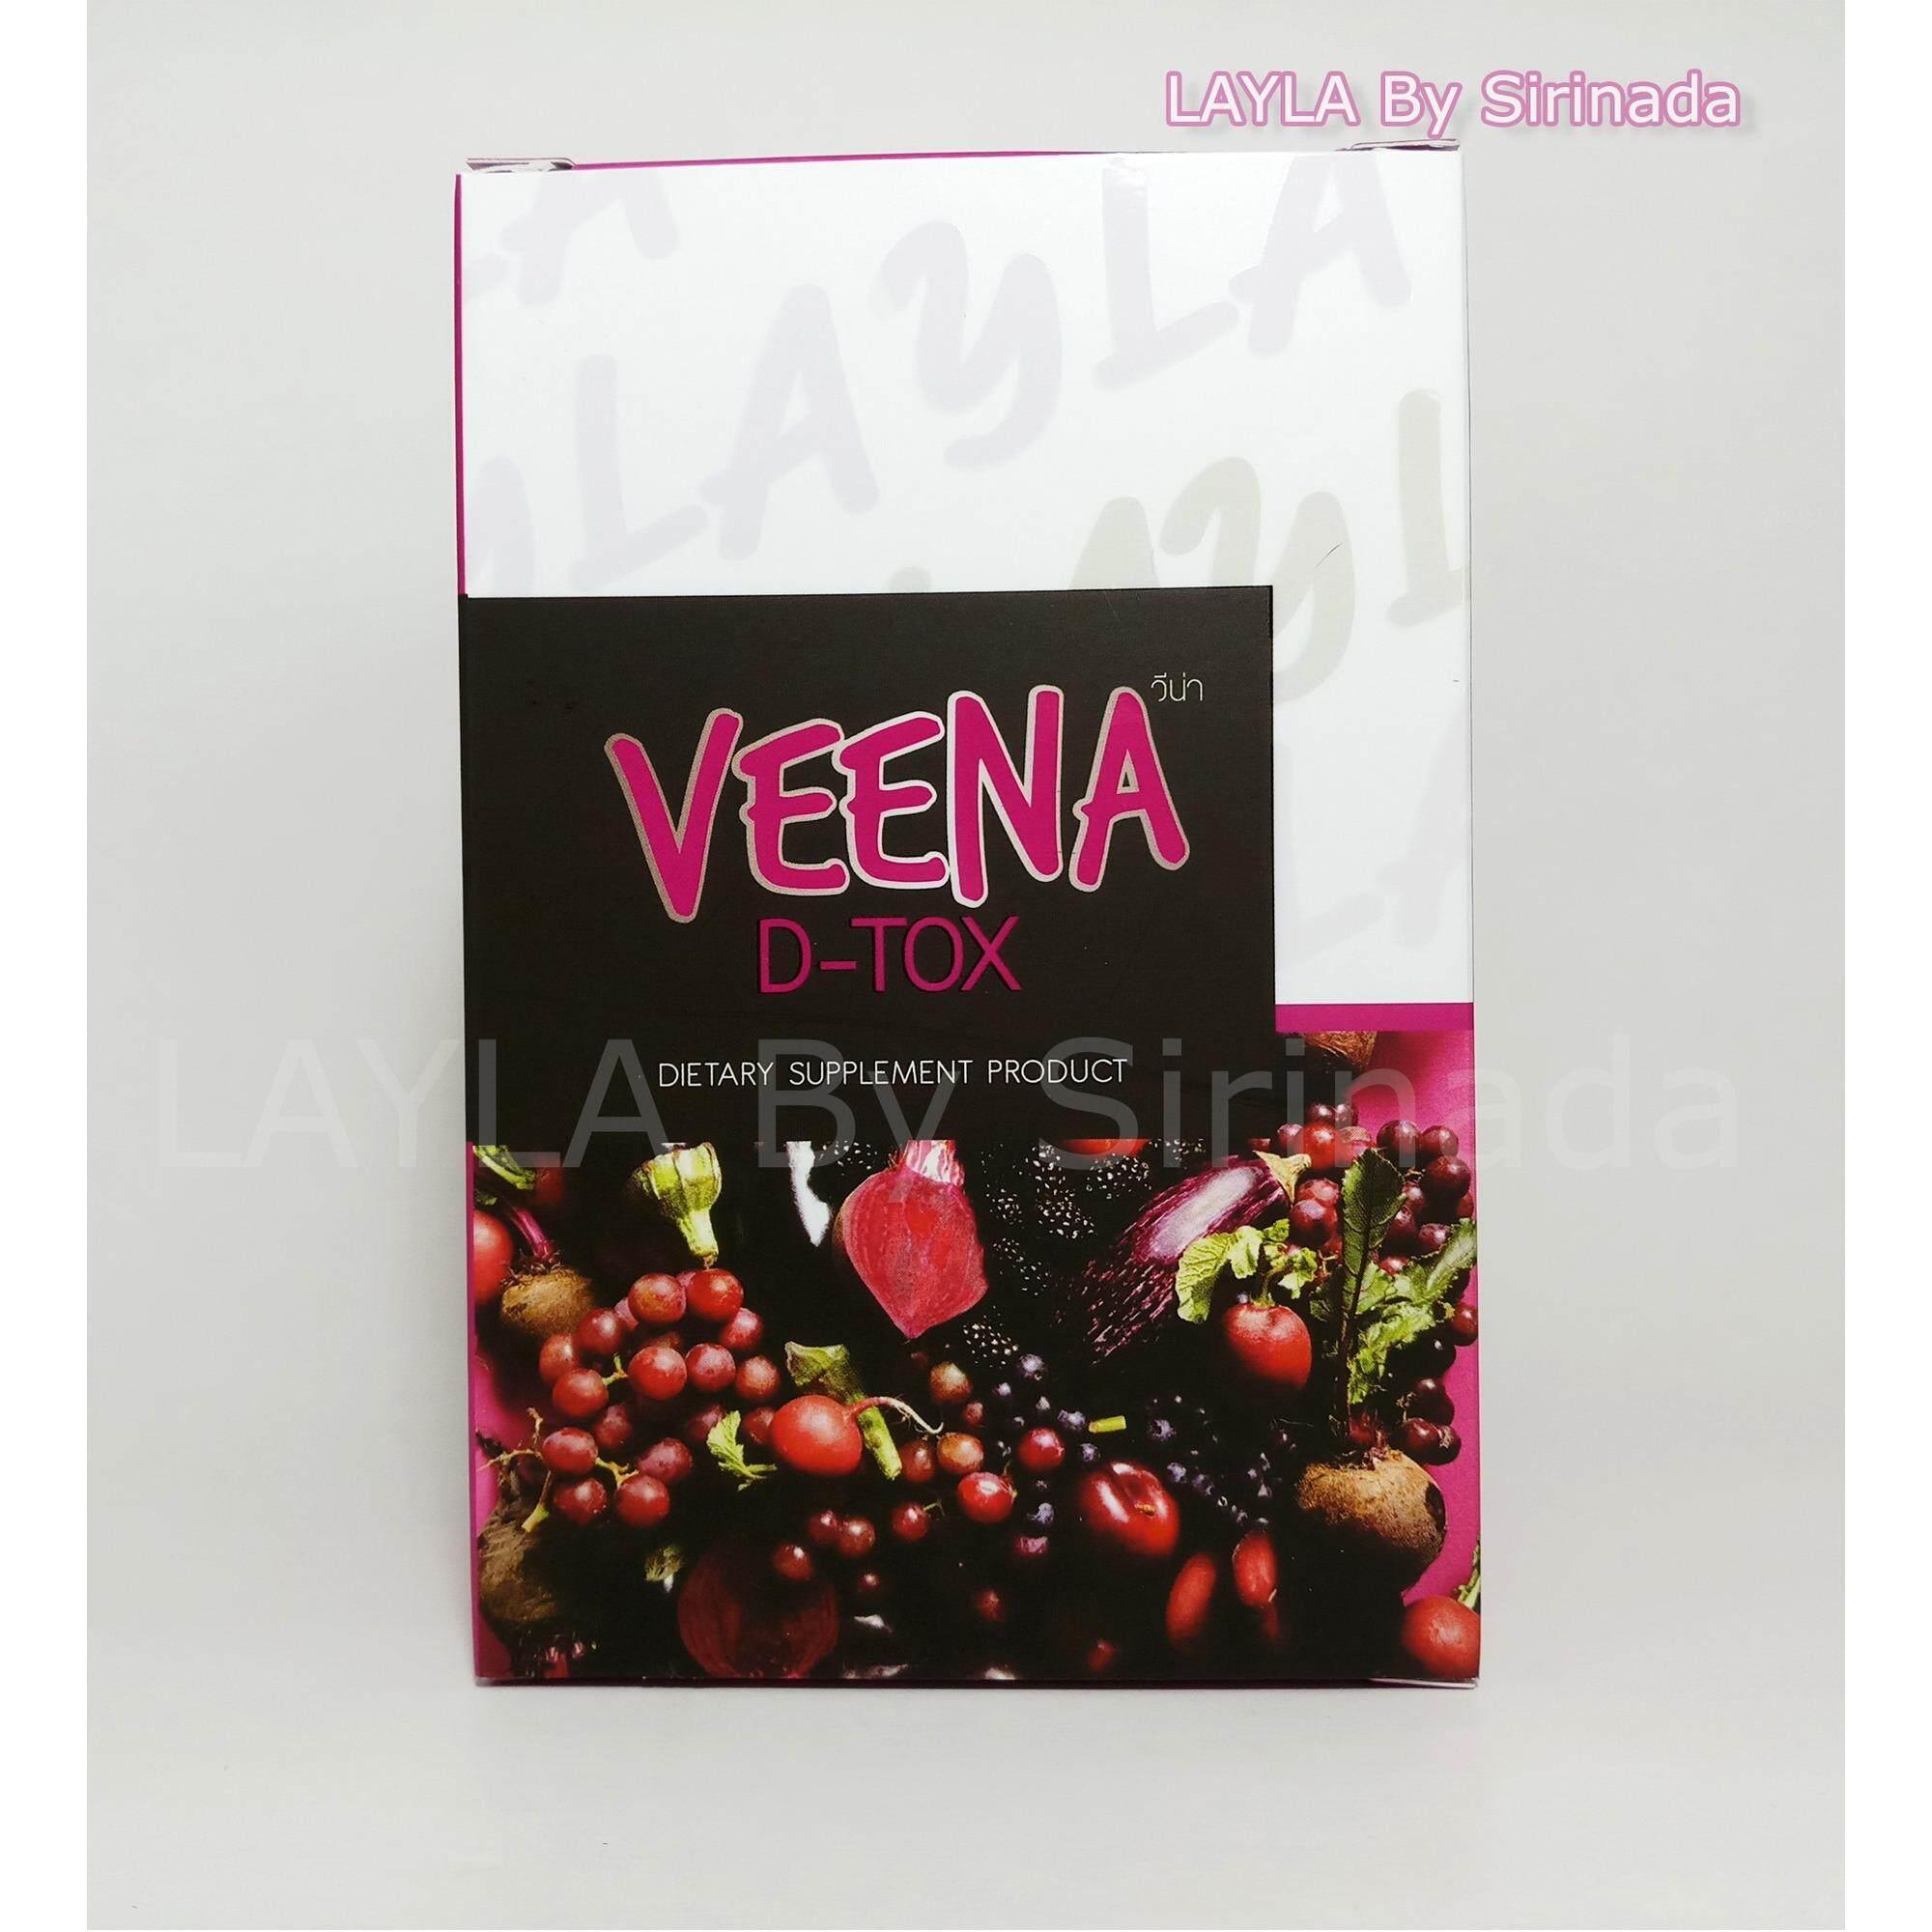 ซื้อ Veena D Tox ล้างพิษตับและลำไส้ 1 กล่อง กรุงเทพมหานคร